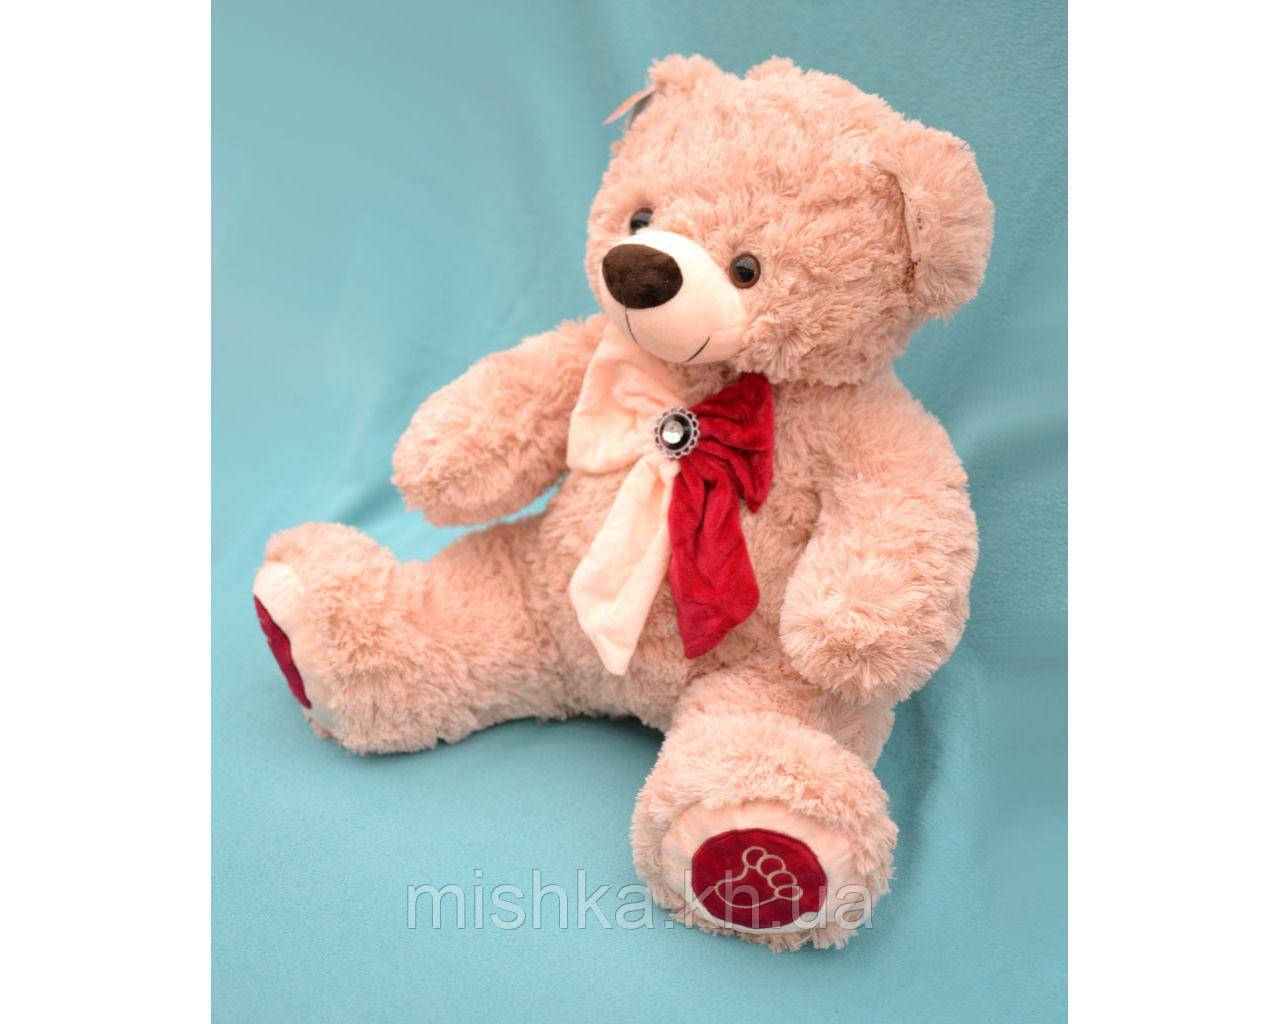 Мягкая игрушка Медведь с бантиком не набитая (50 см) №21-1